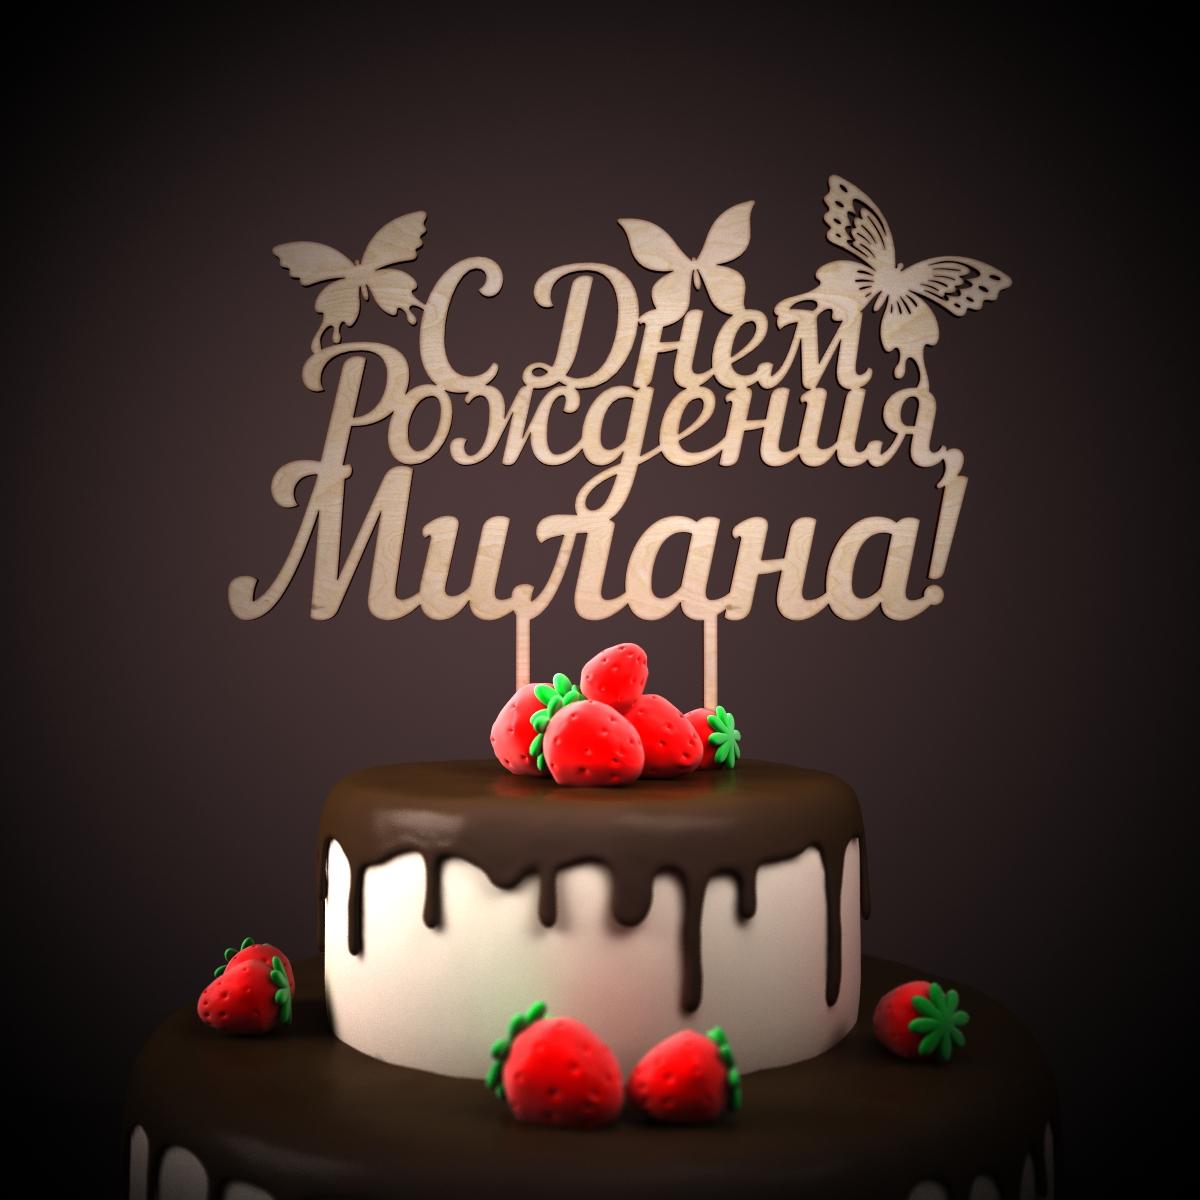 Надписями, открытка с днем рождения милану